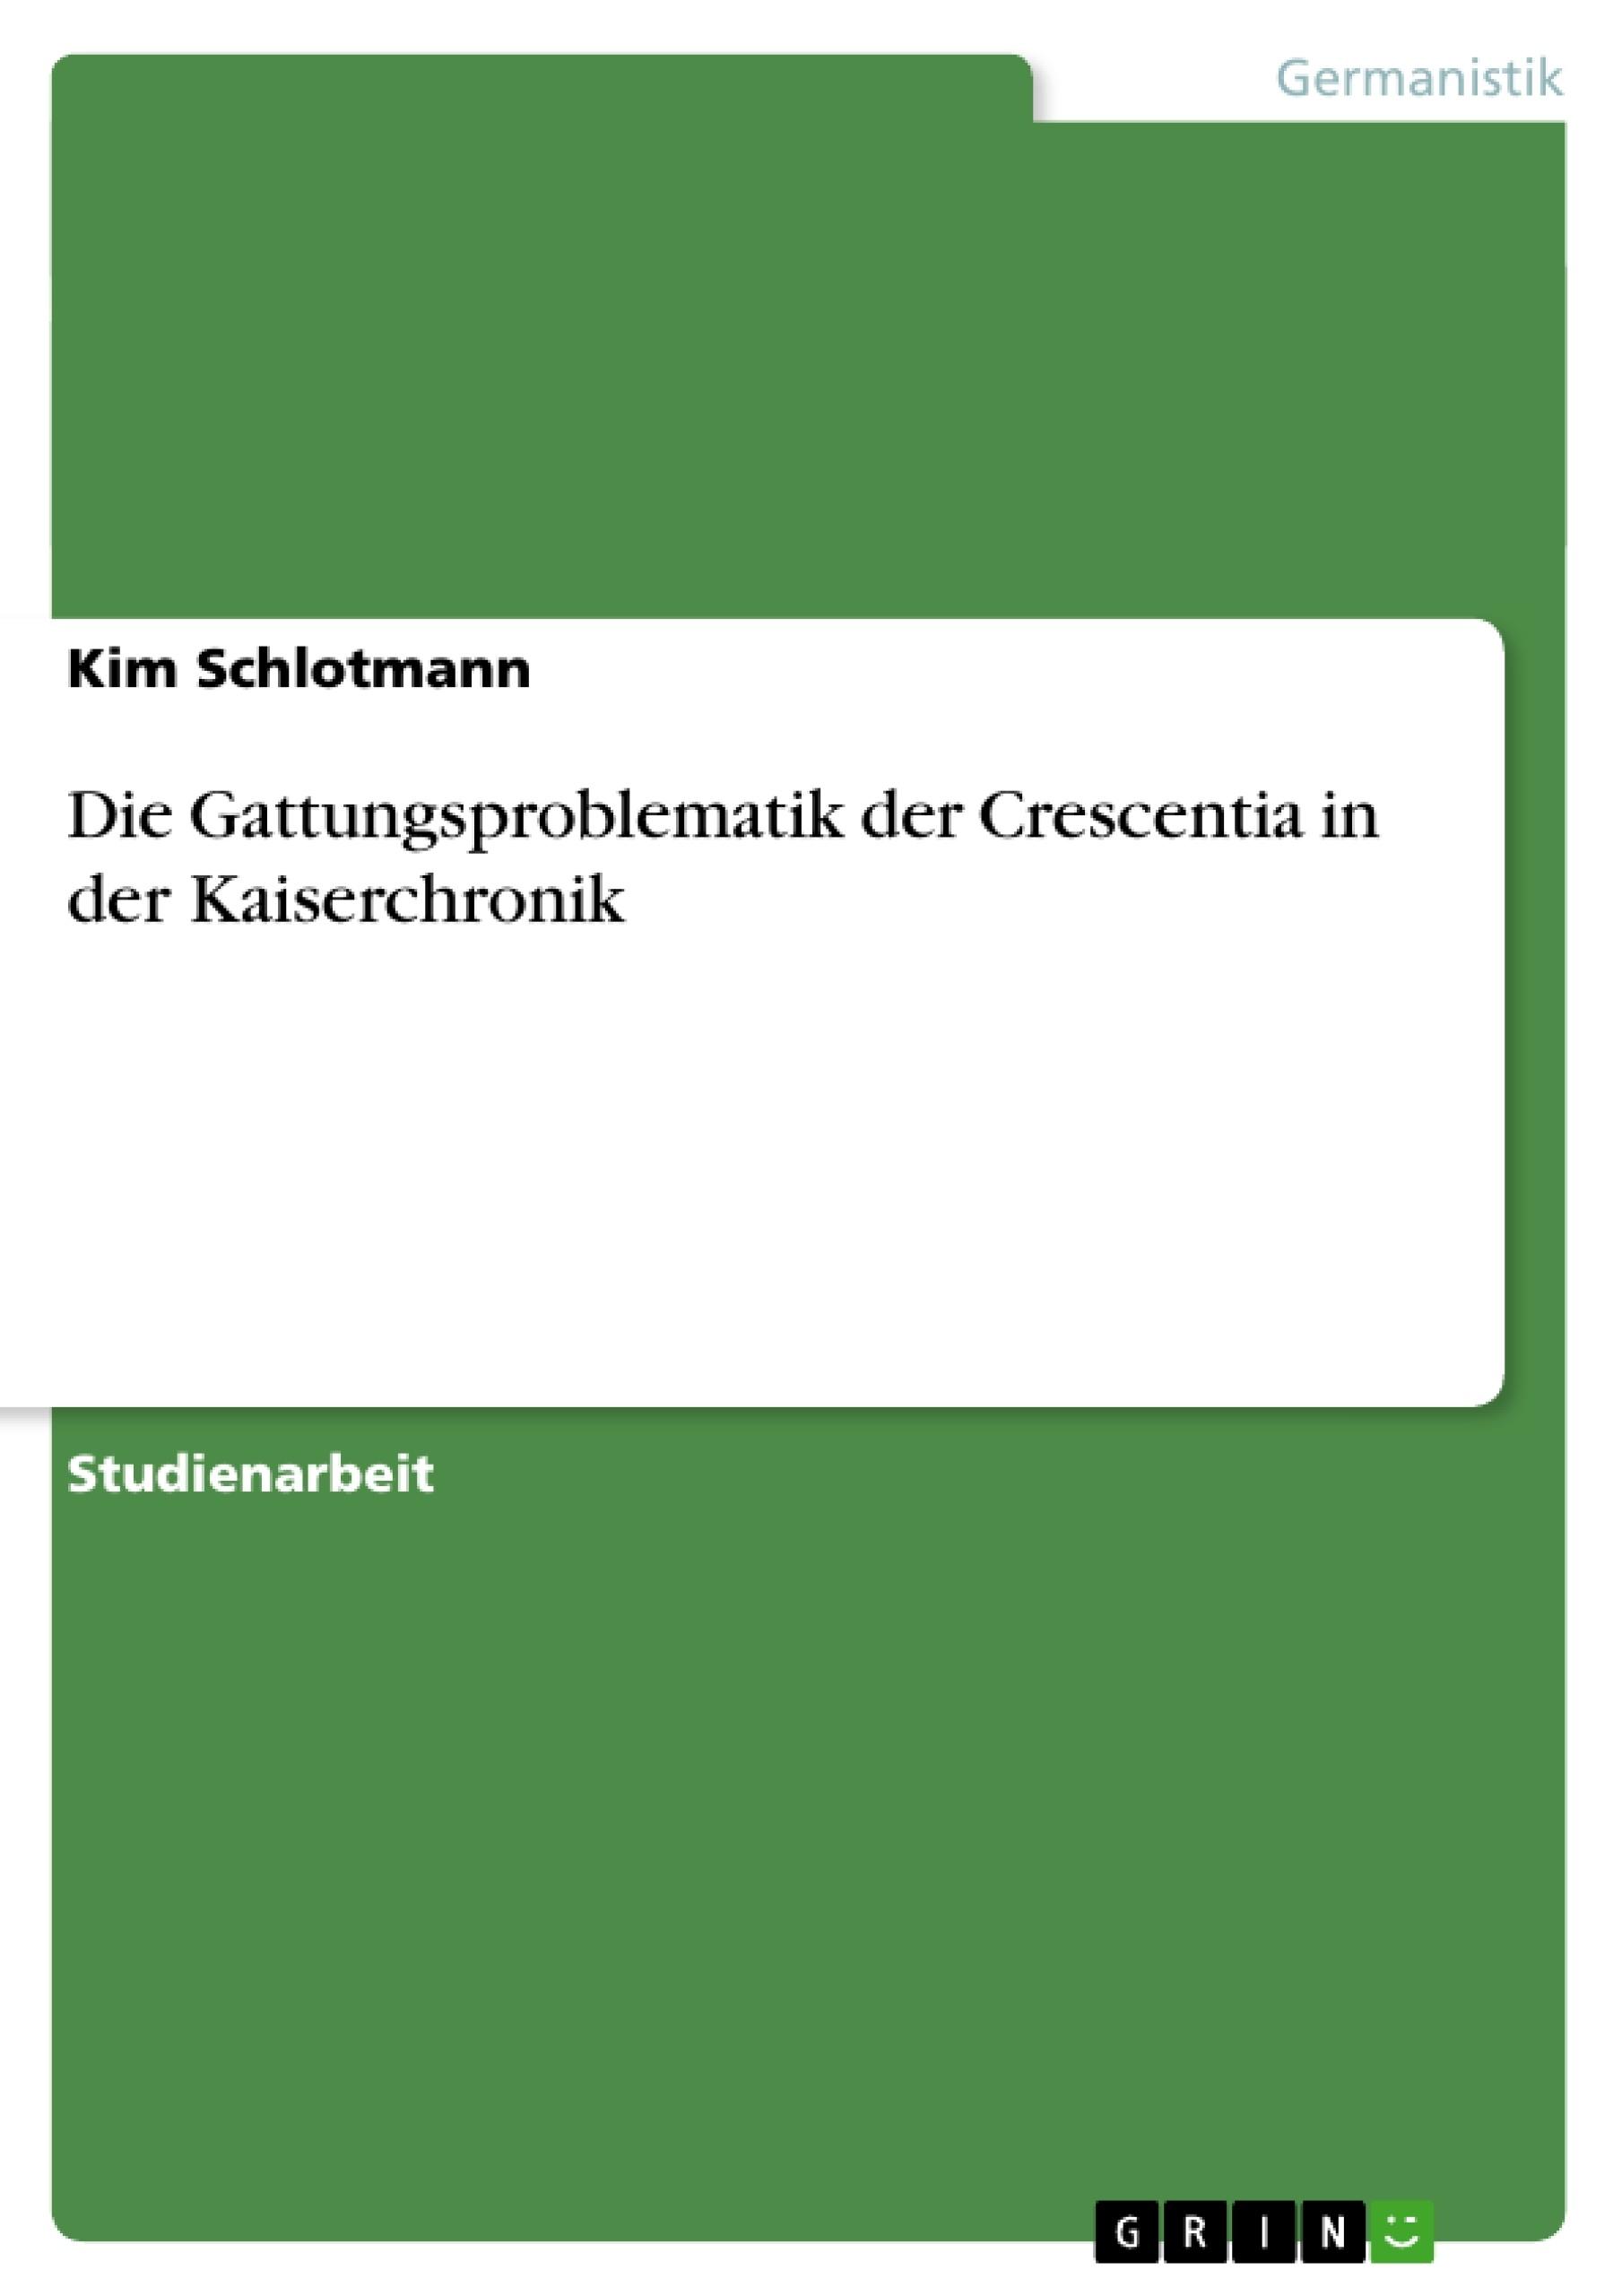 Titel: Die Gattungsproblematik der Crescentia in der Kaiserchronik